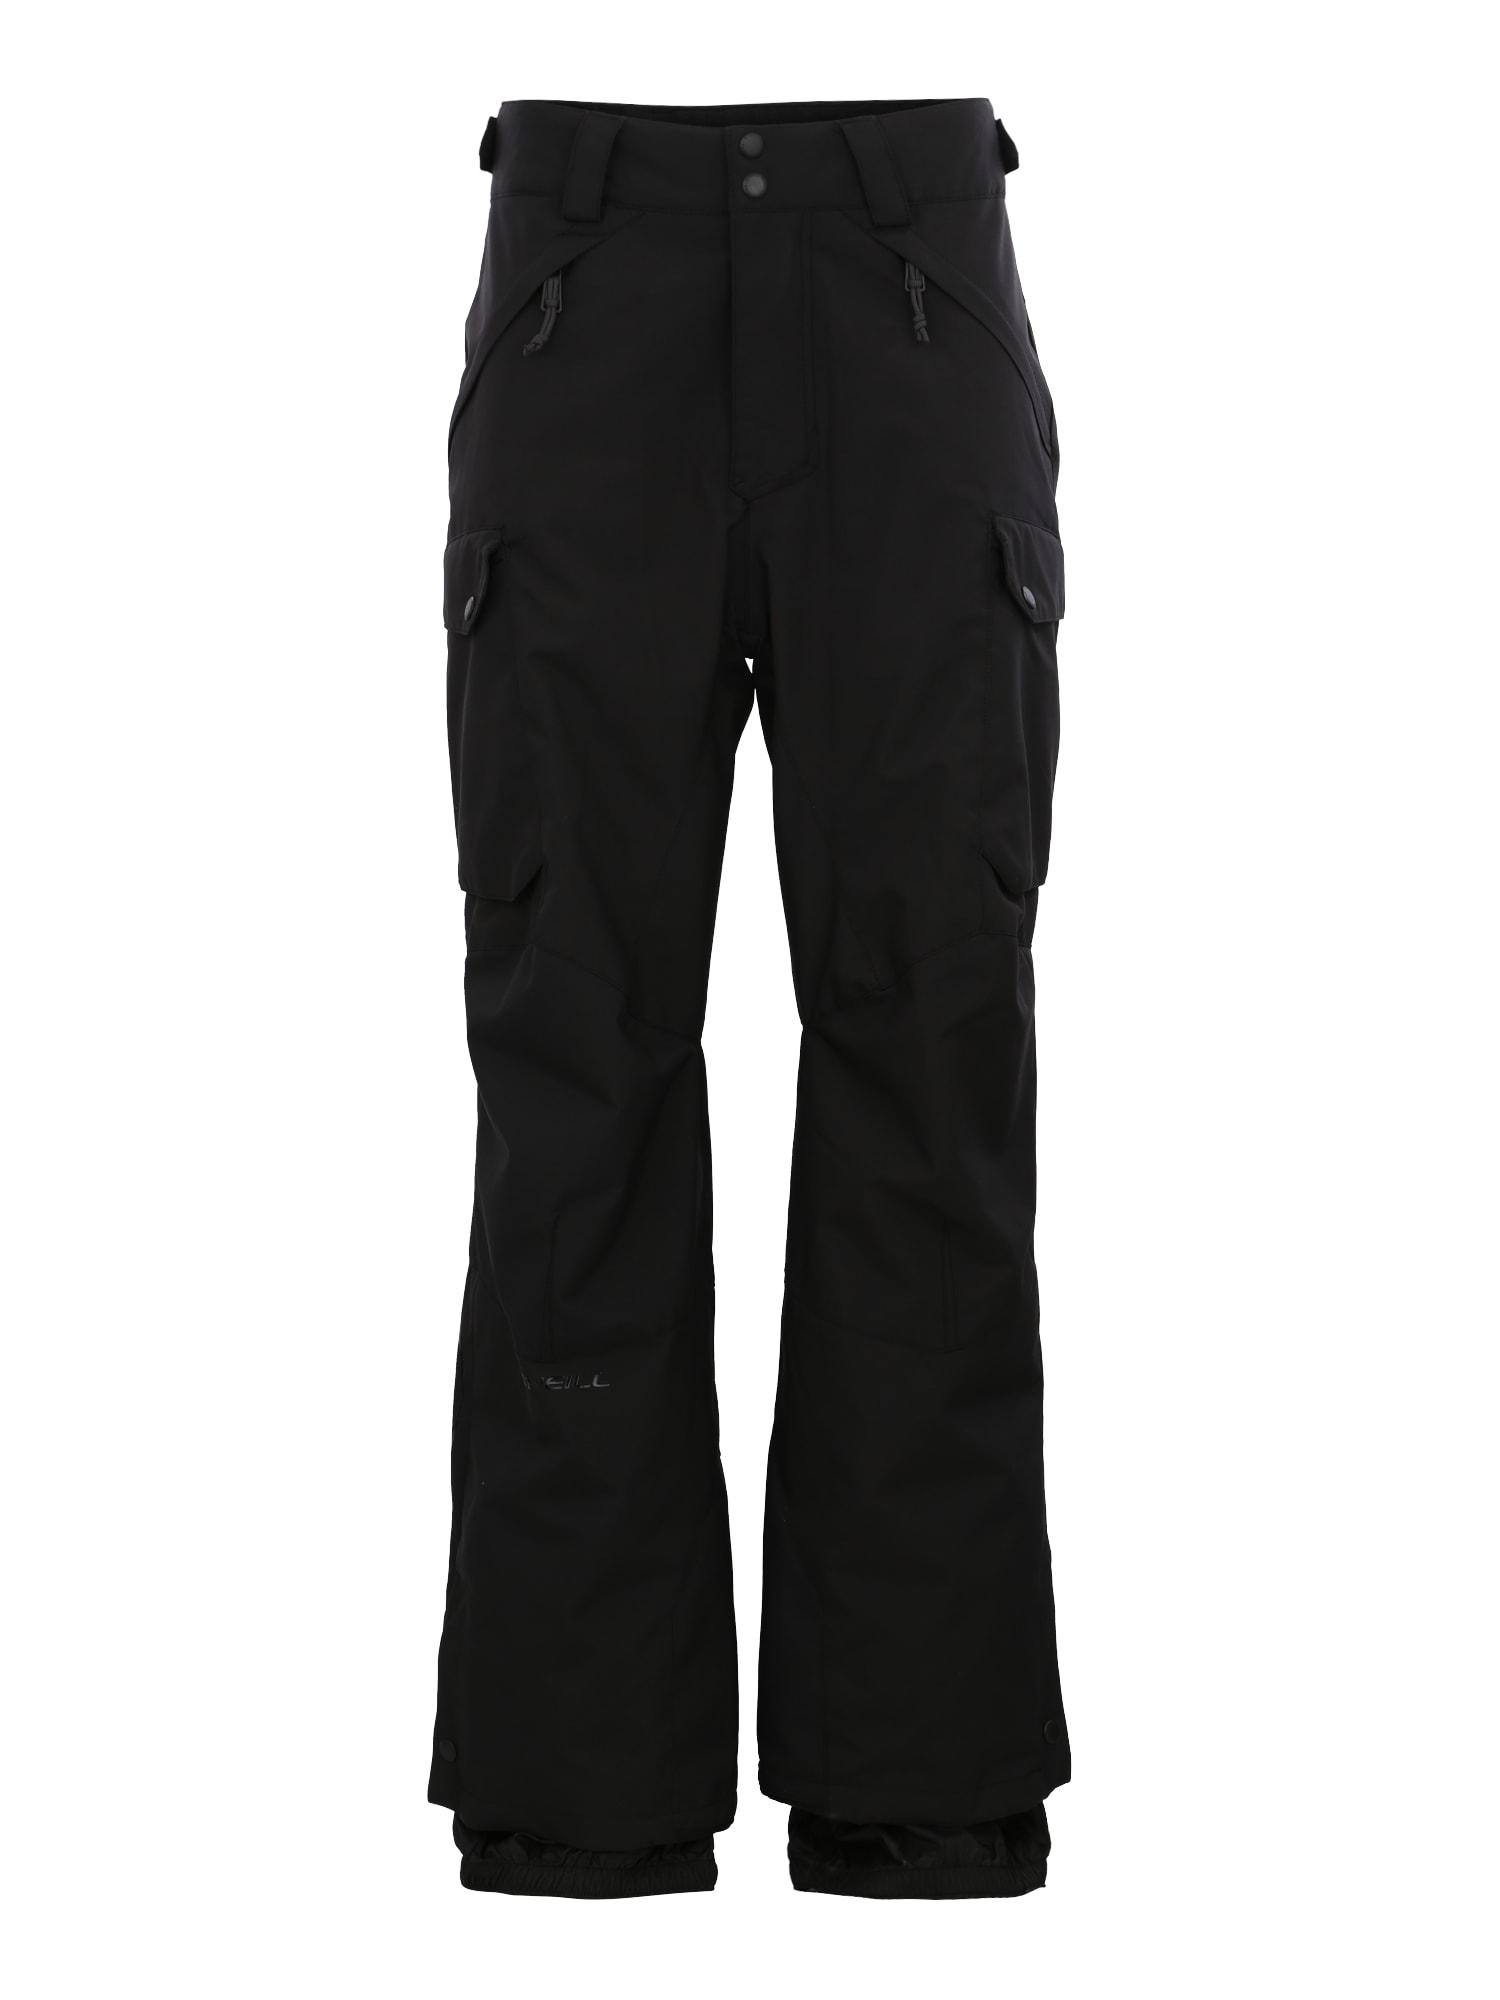 O'NEILL Sportinės kelnės 'EXALT' pilka / juoda